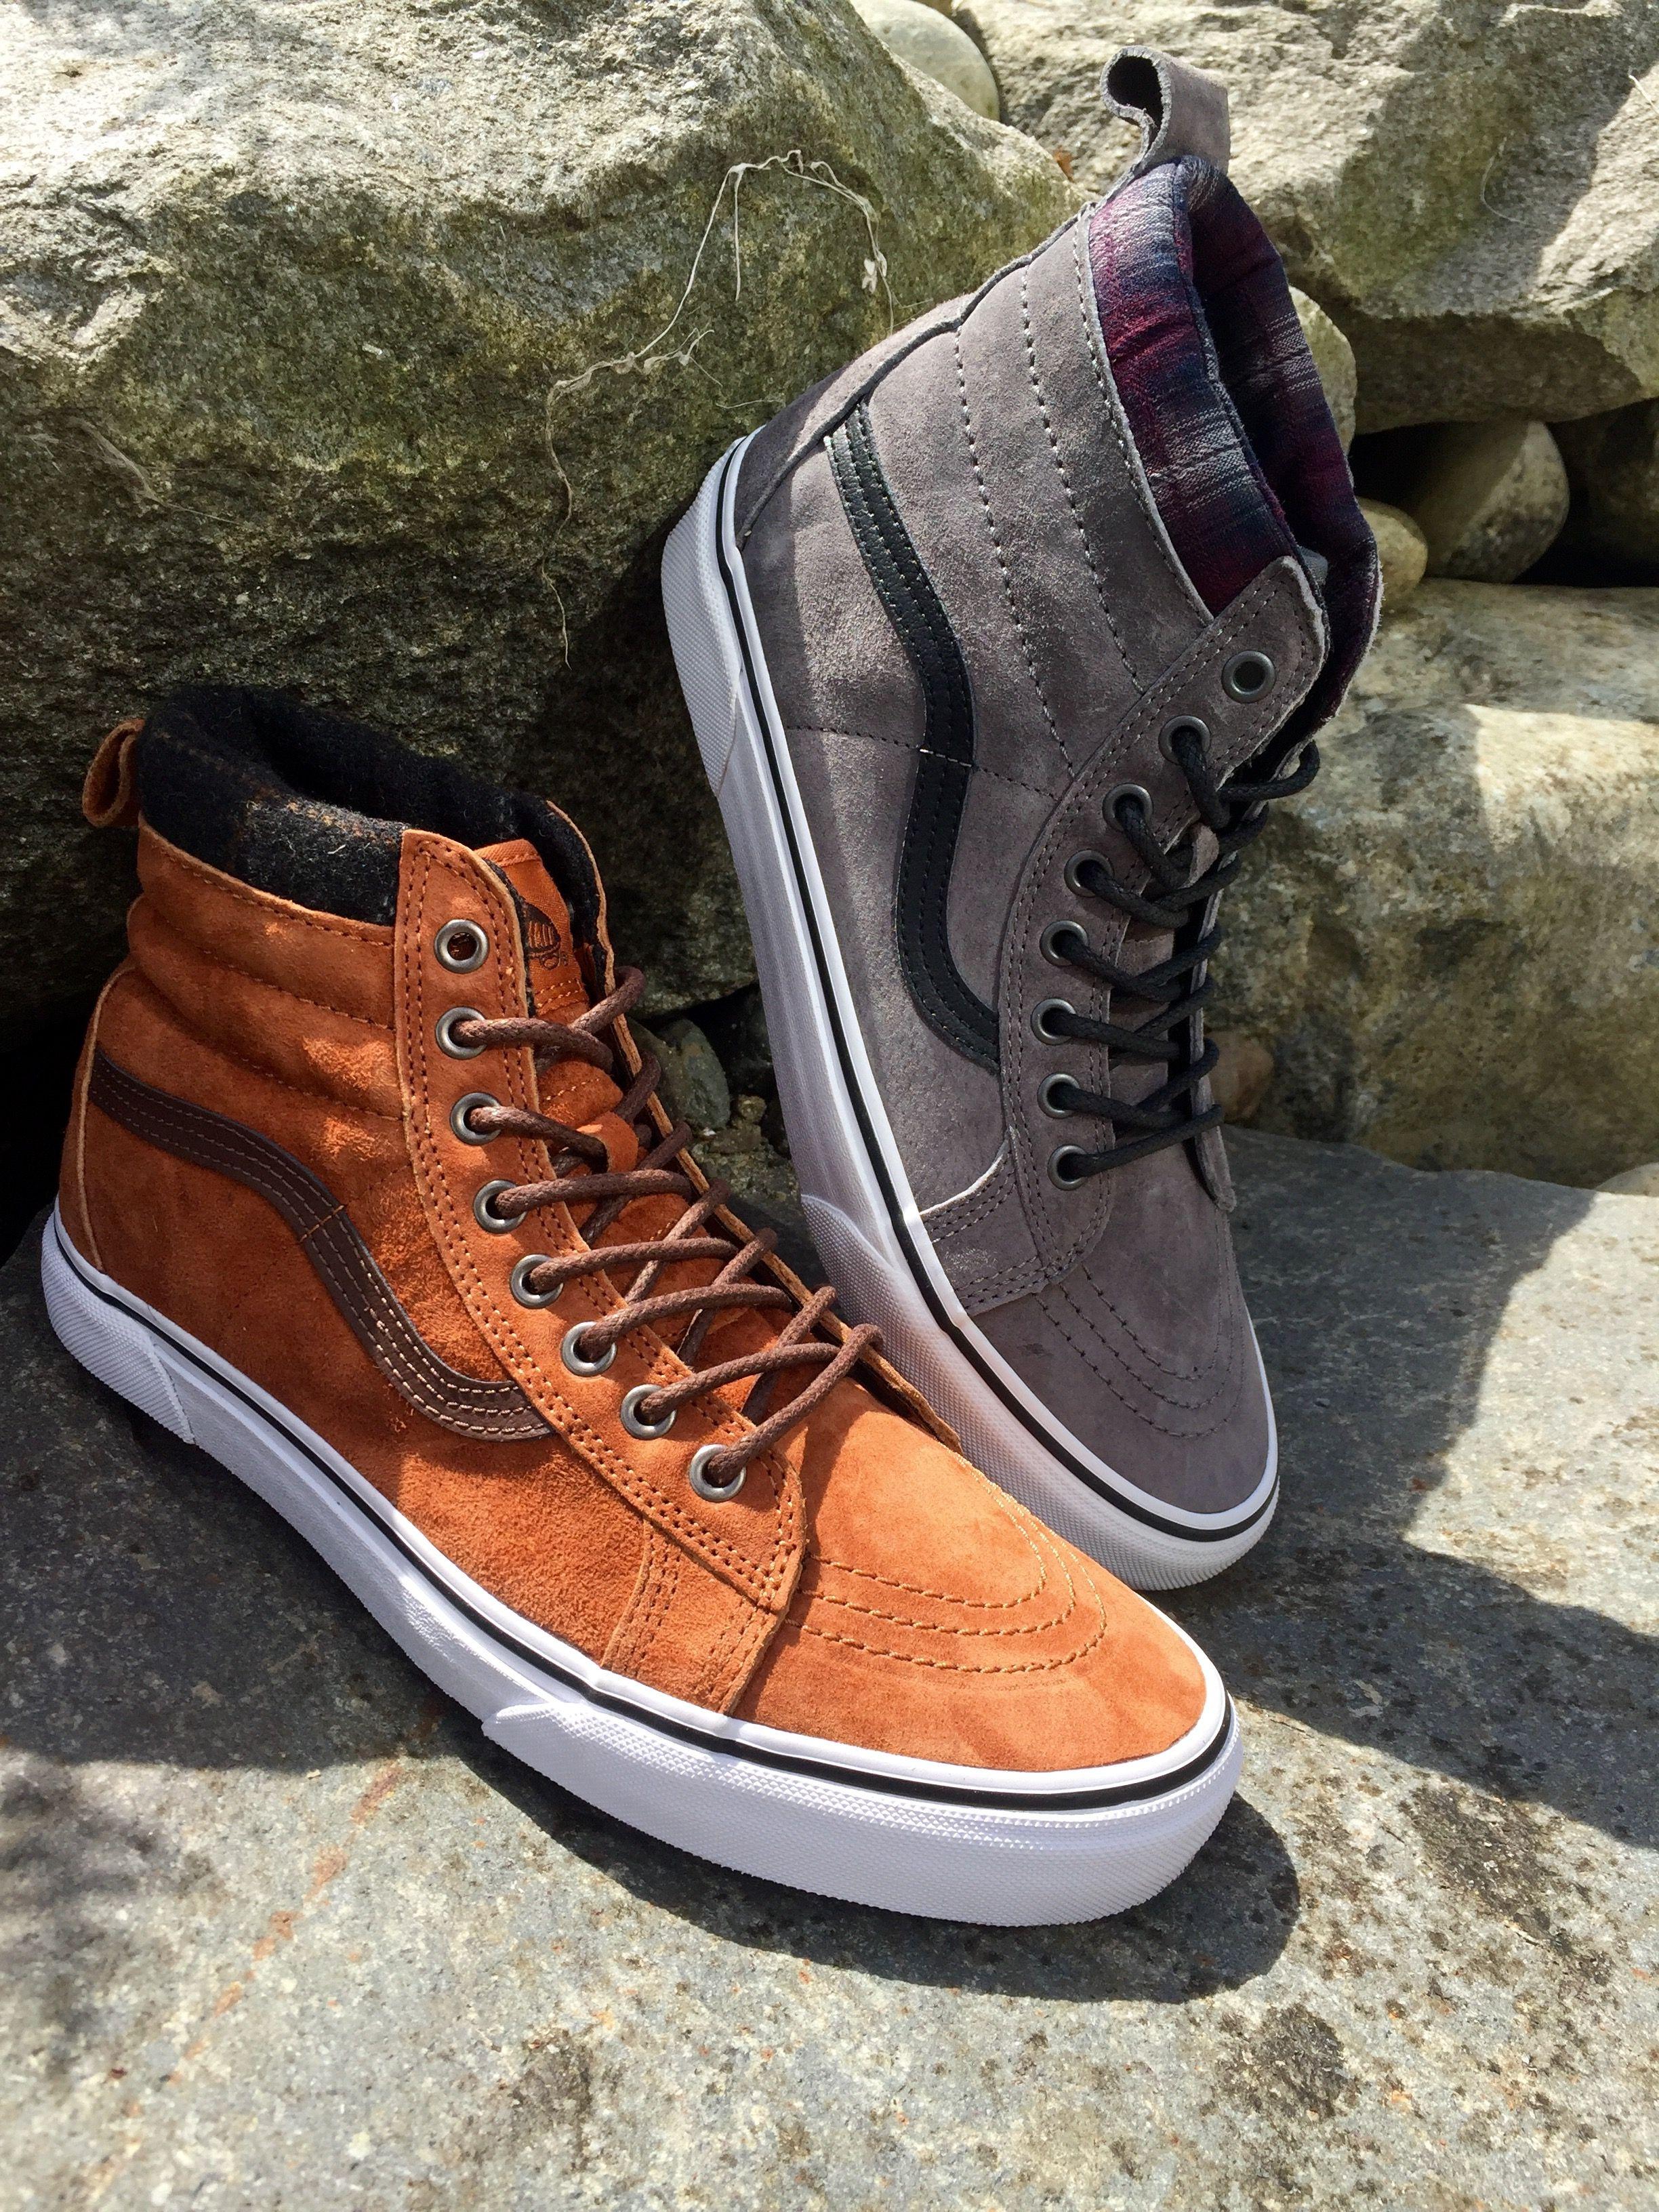 Vans Sk8 Hi MTEs. The perfect fall shoe.  162489ffdc